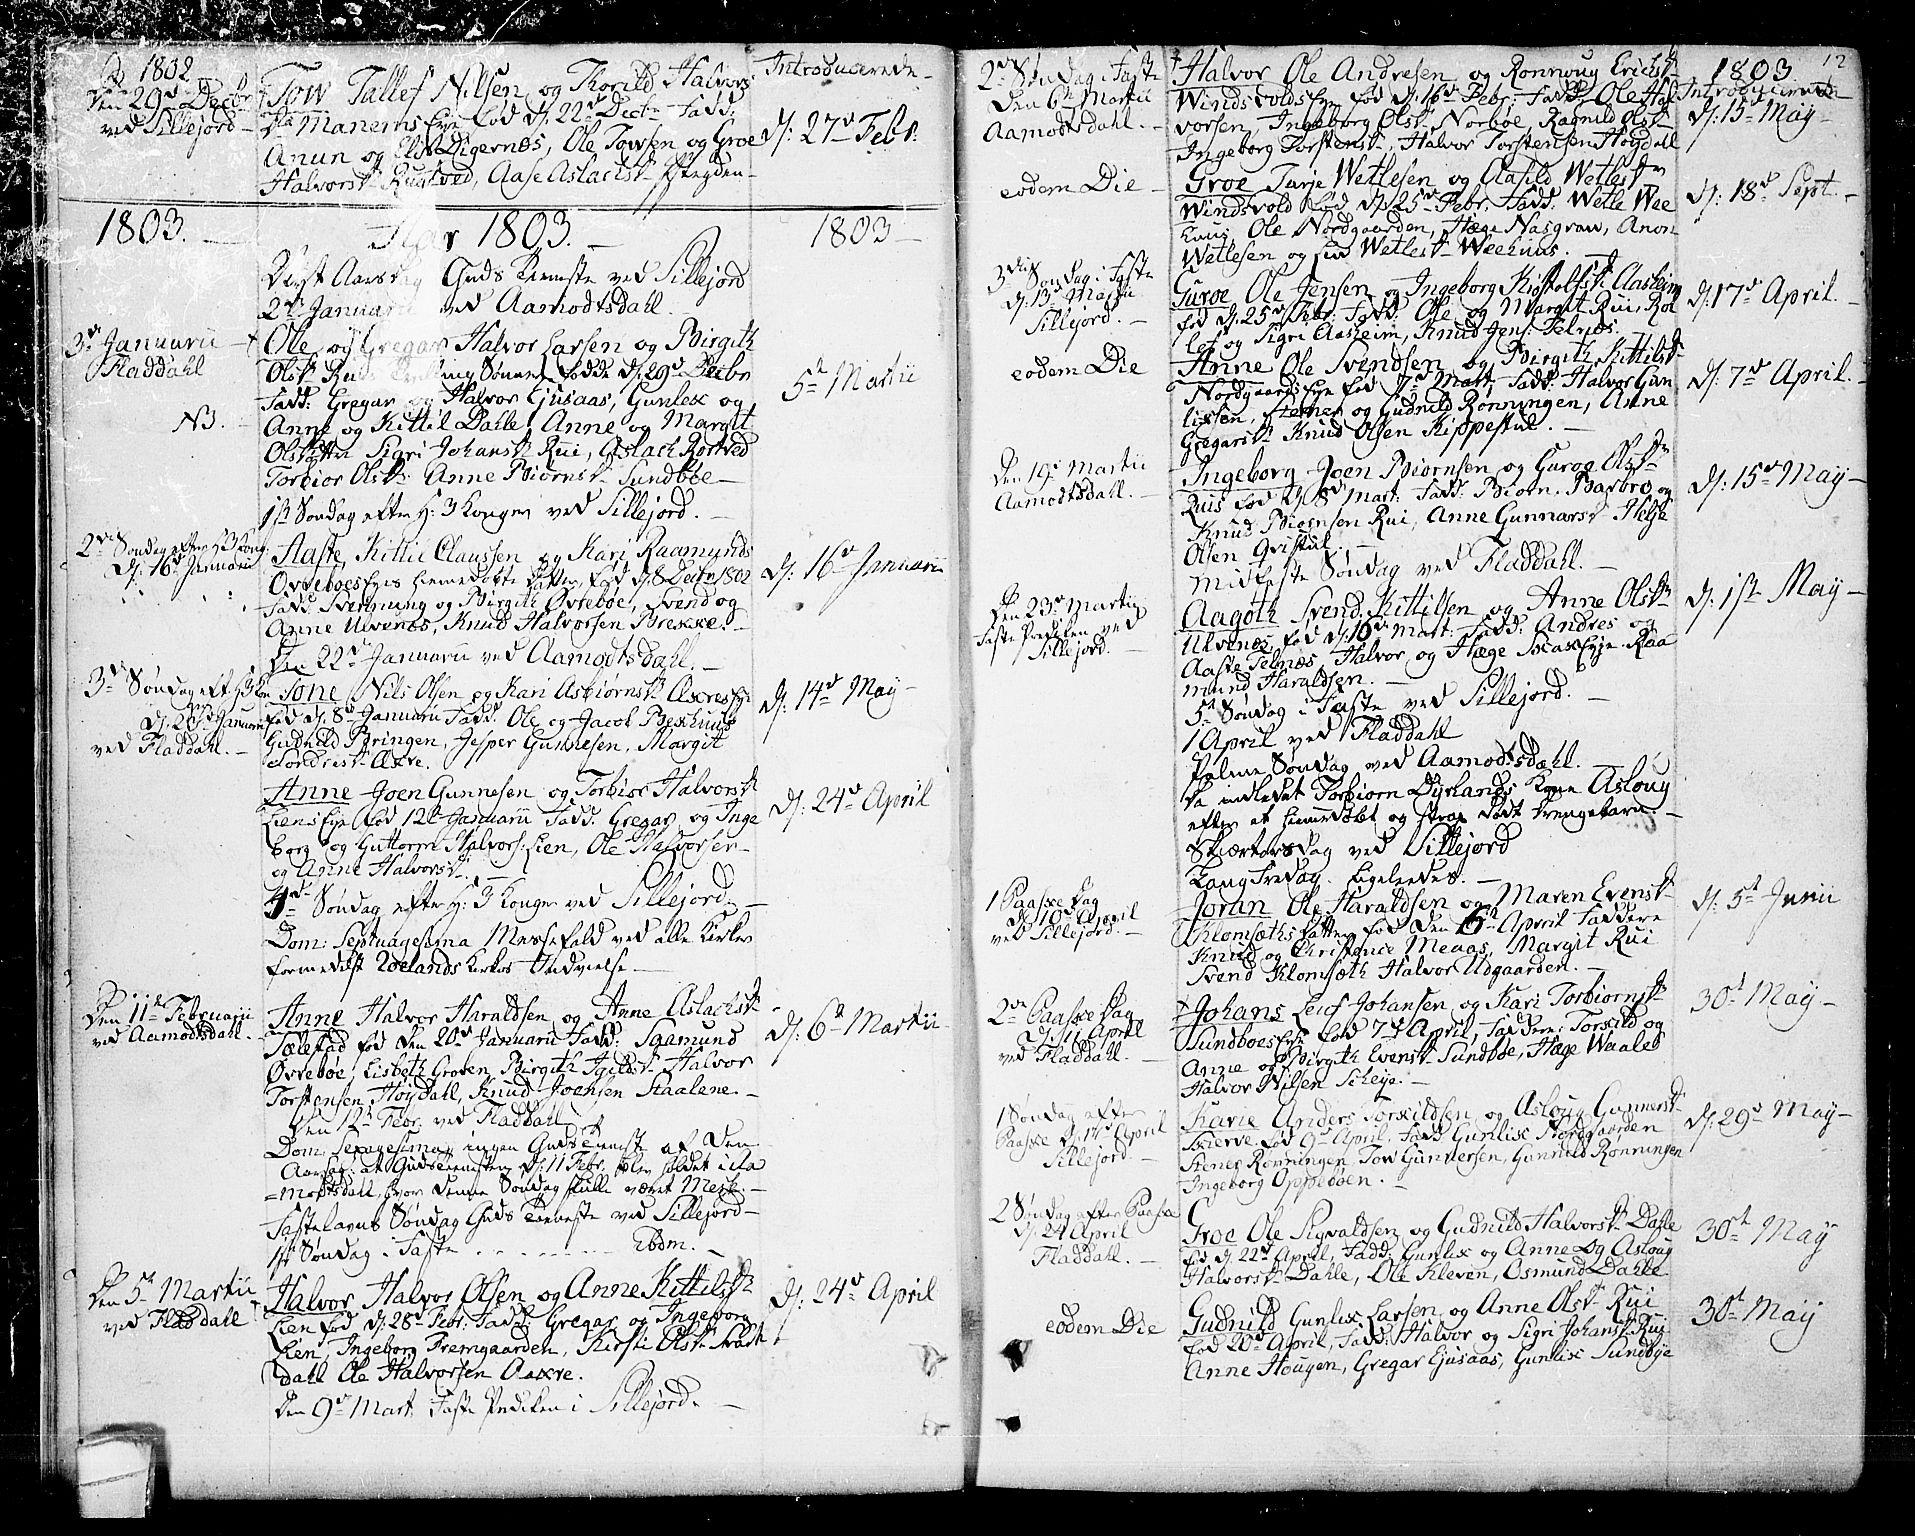 SAKO, Seljord kirkebøker, F/Fa/L0009: Ministerialbok nr. I 9, 1801-1814, s. 12